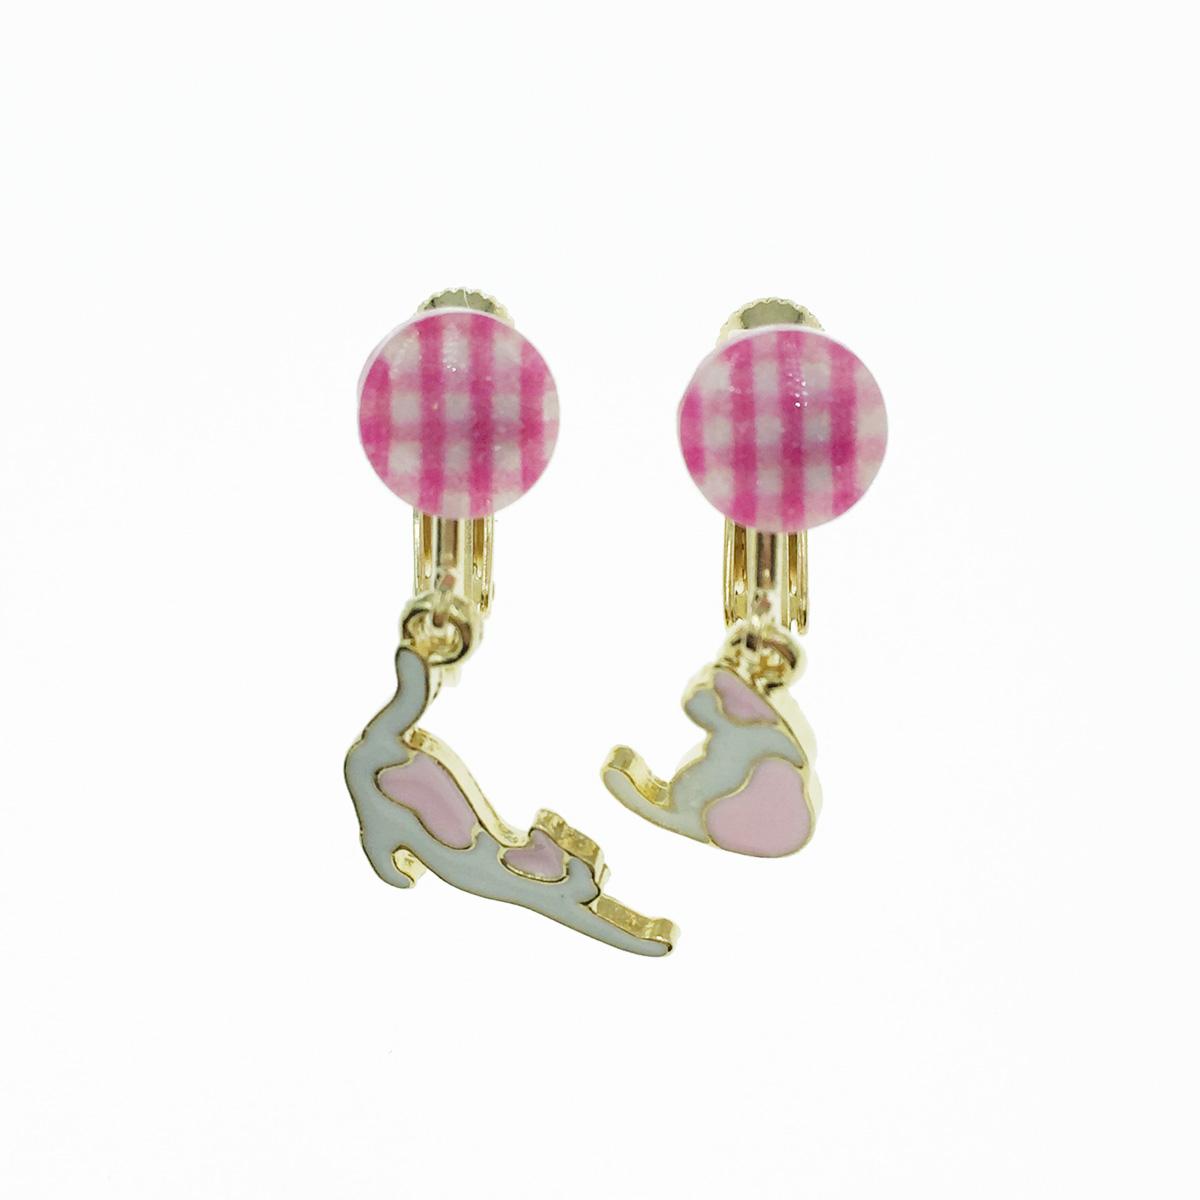 韓國 不對稱 貓咪 療癒 粉色 垂墜感 夾式耳環